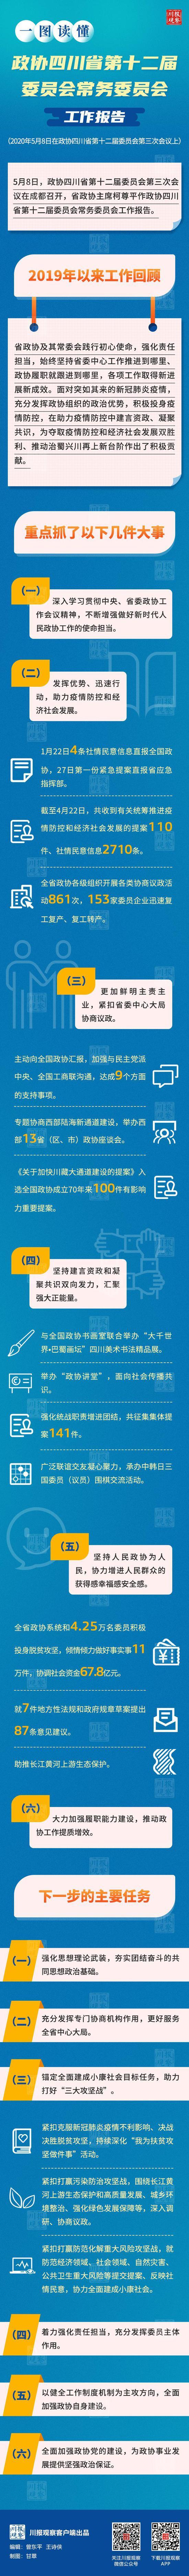 [杏悦平台]图读杏悦平台懂四川省政协常委会工作图片